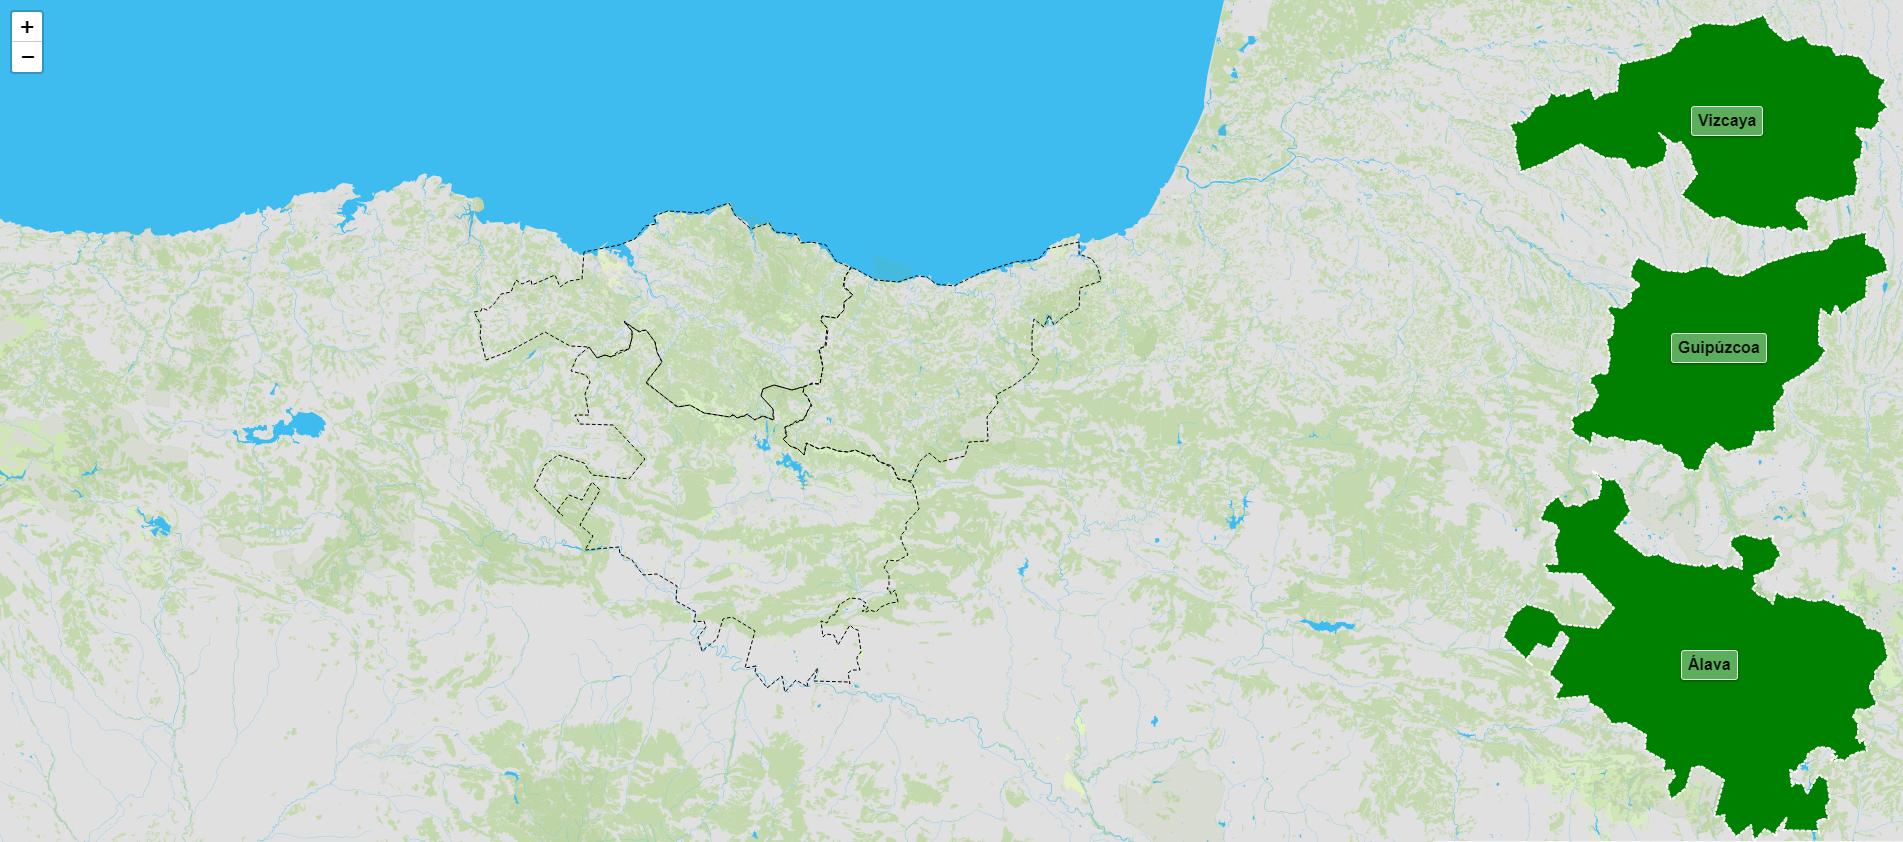 Provincias del País Vasco